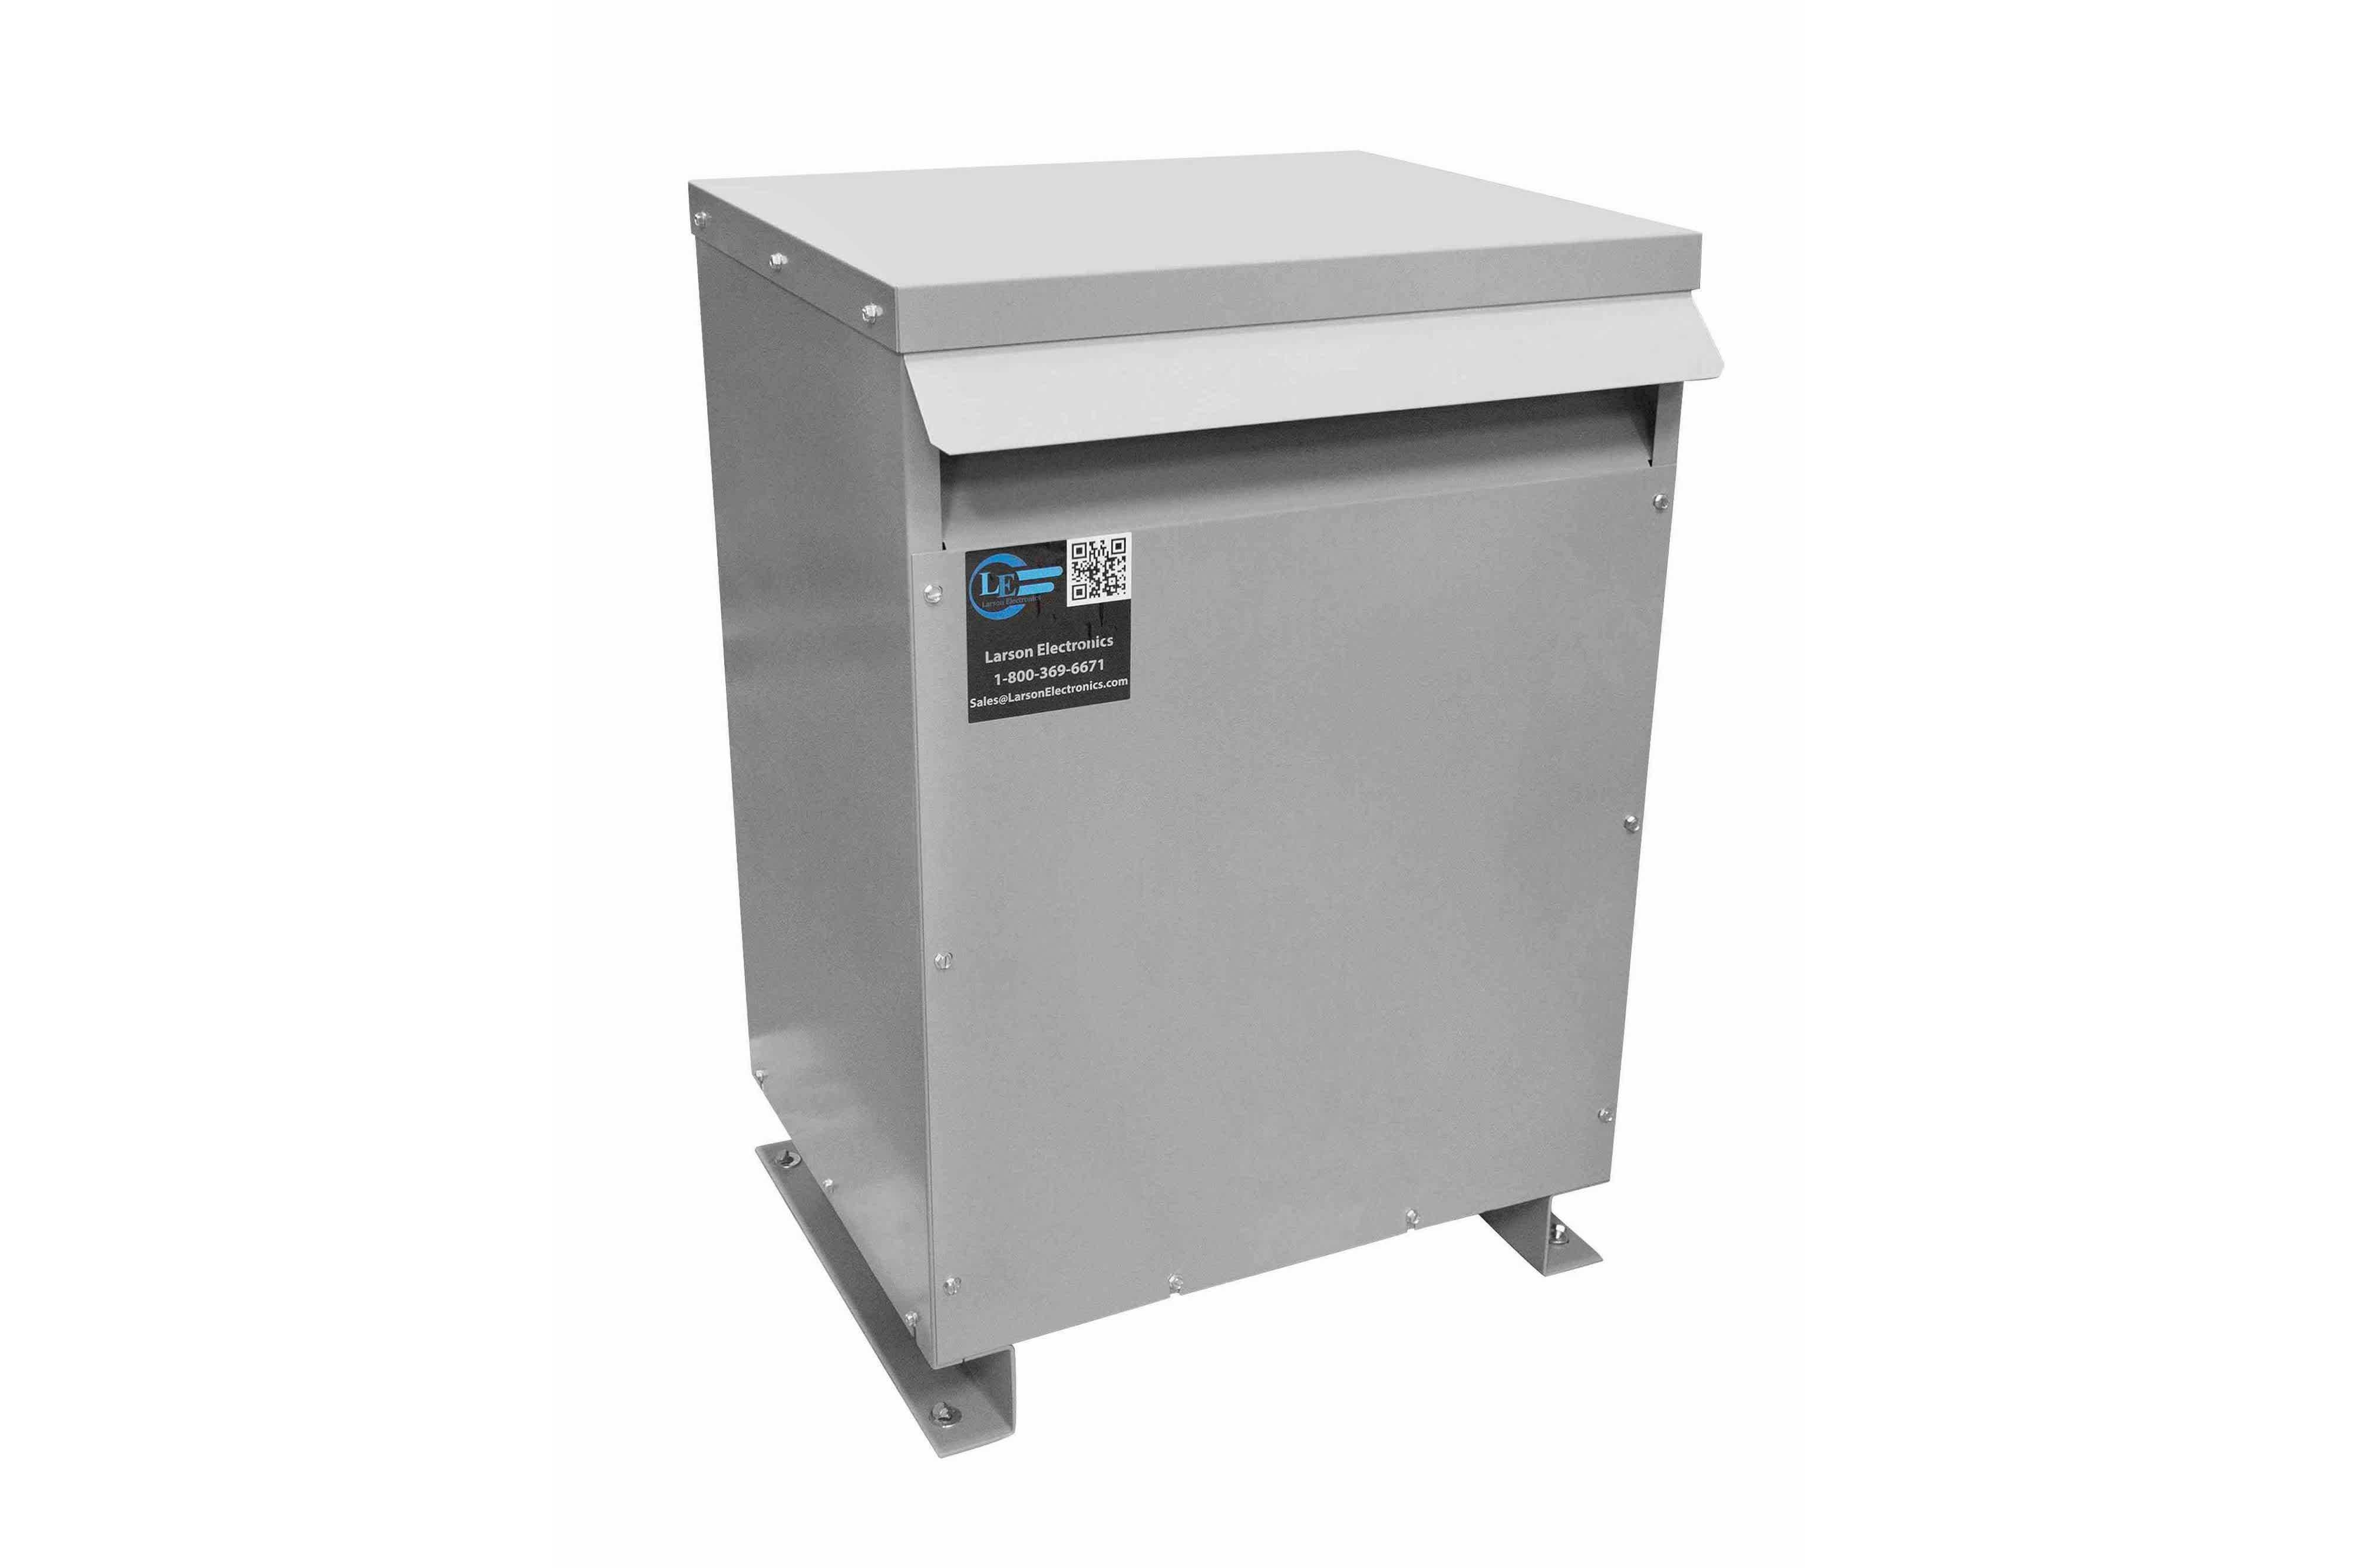 42.5 kVA 3PH Isolation Transformer, 380V Delta Primary, 240 Delta Secondary, N3R, Ventilated, 60 Hz